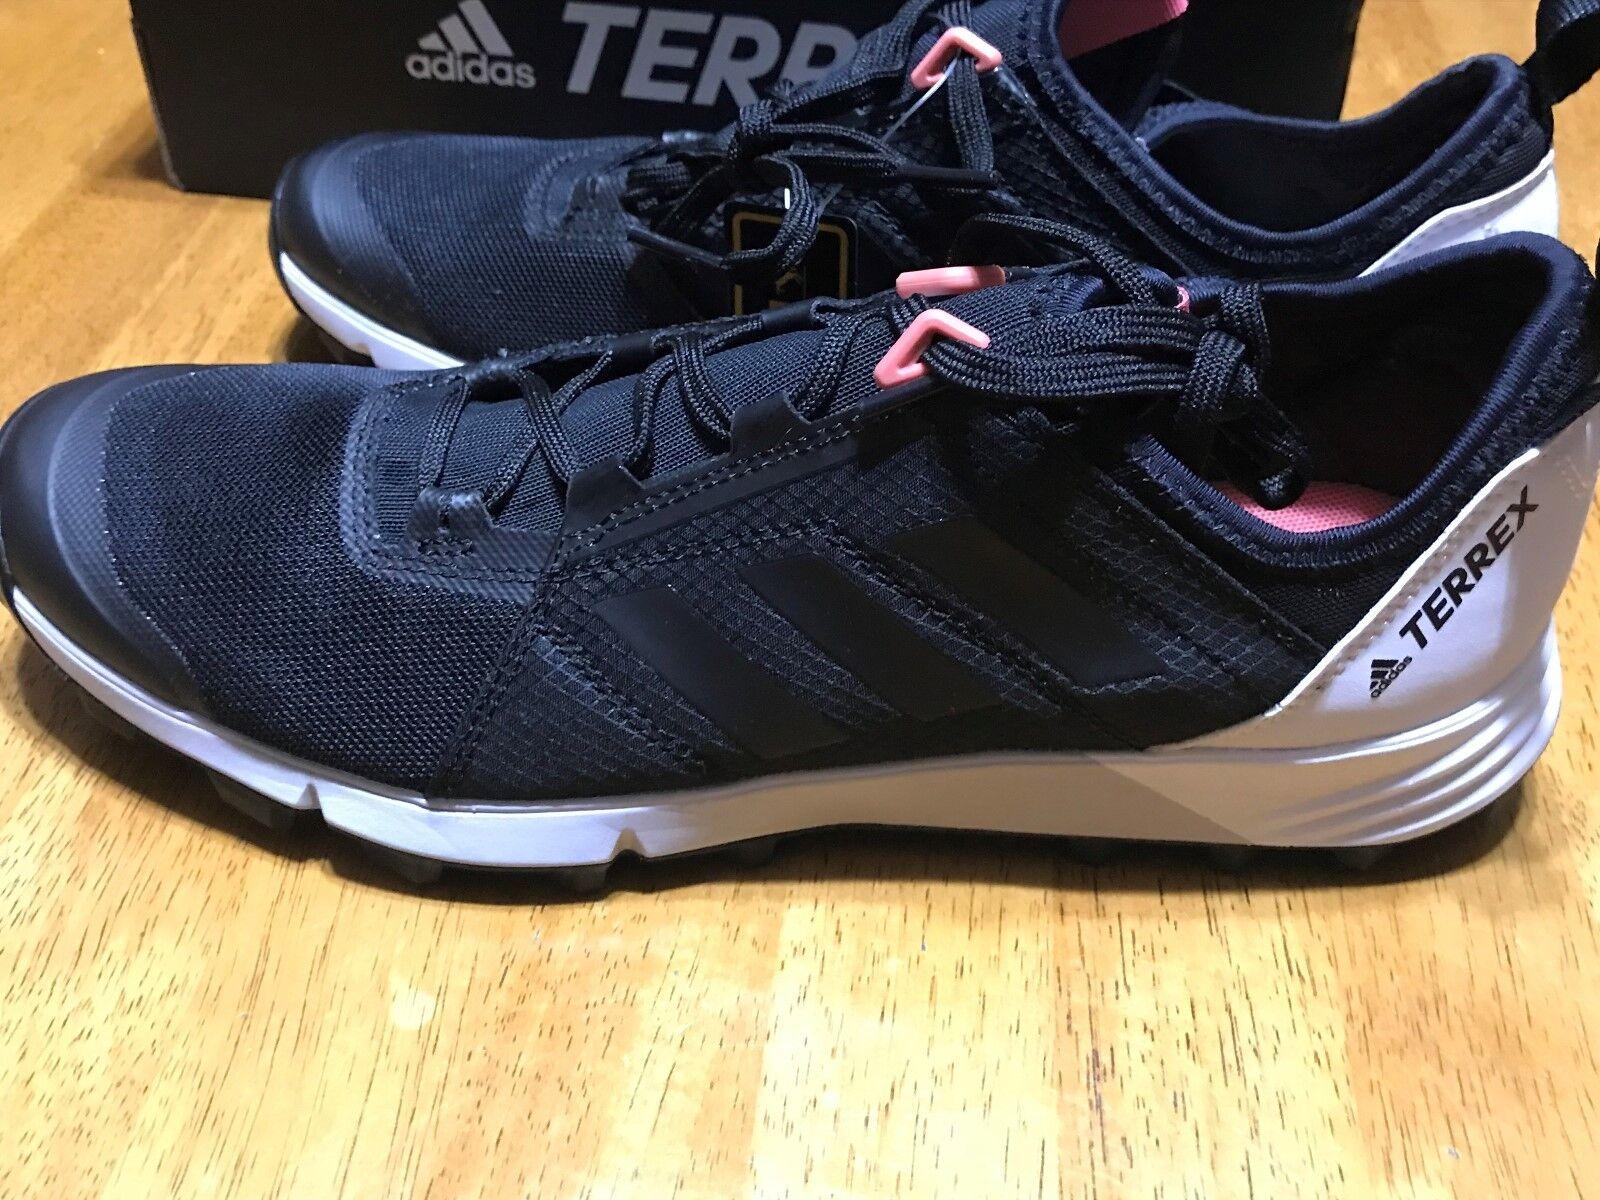 Women's Adidas Terrex Agravic Speed shoes Black White size 9 9 9 NIB efc7fa